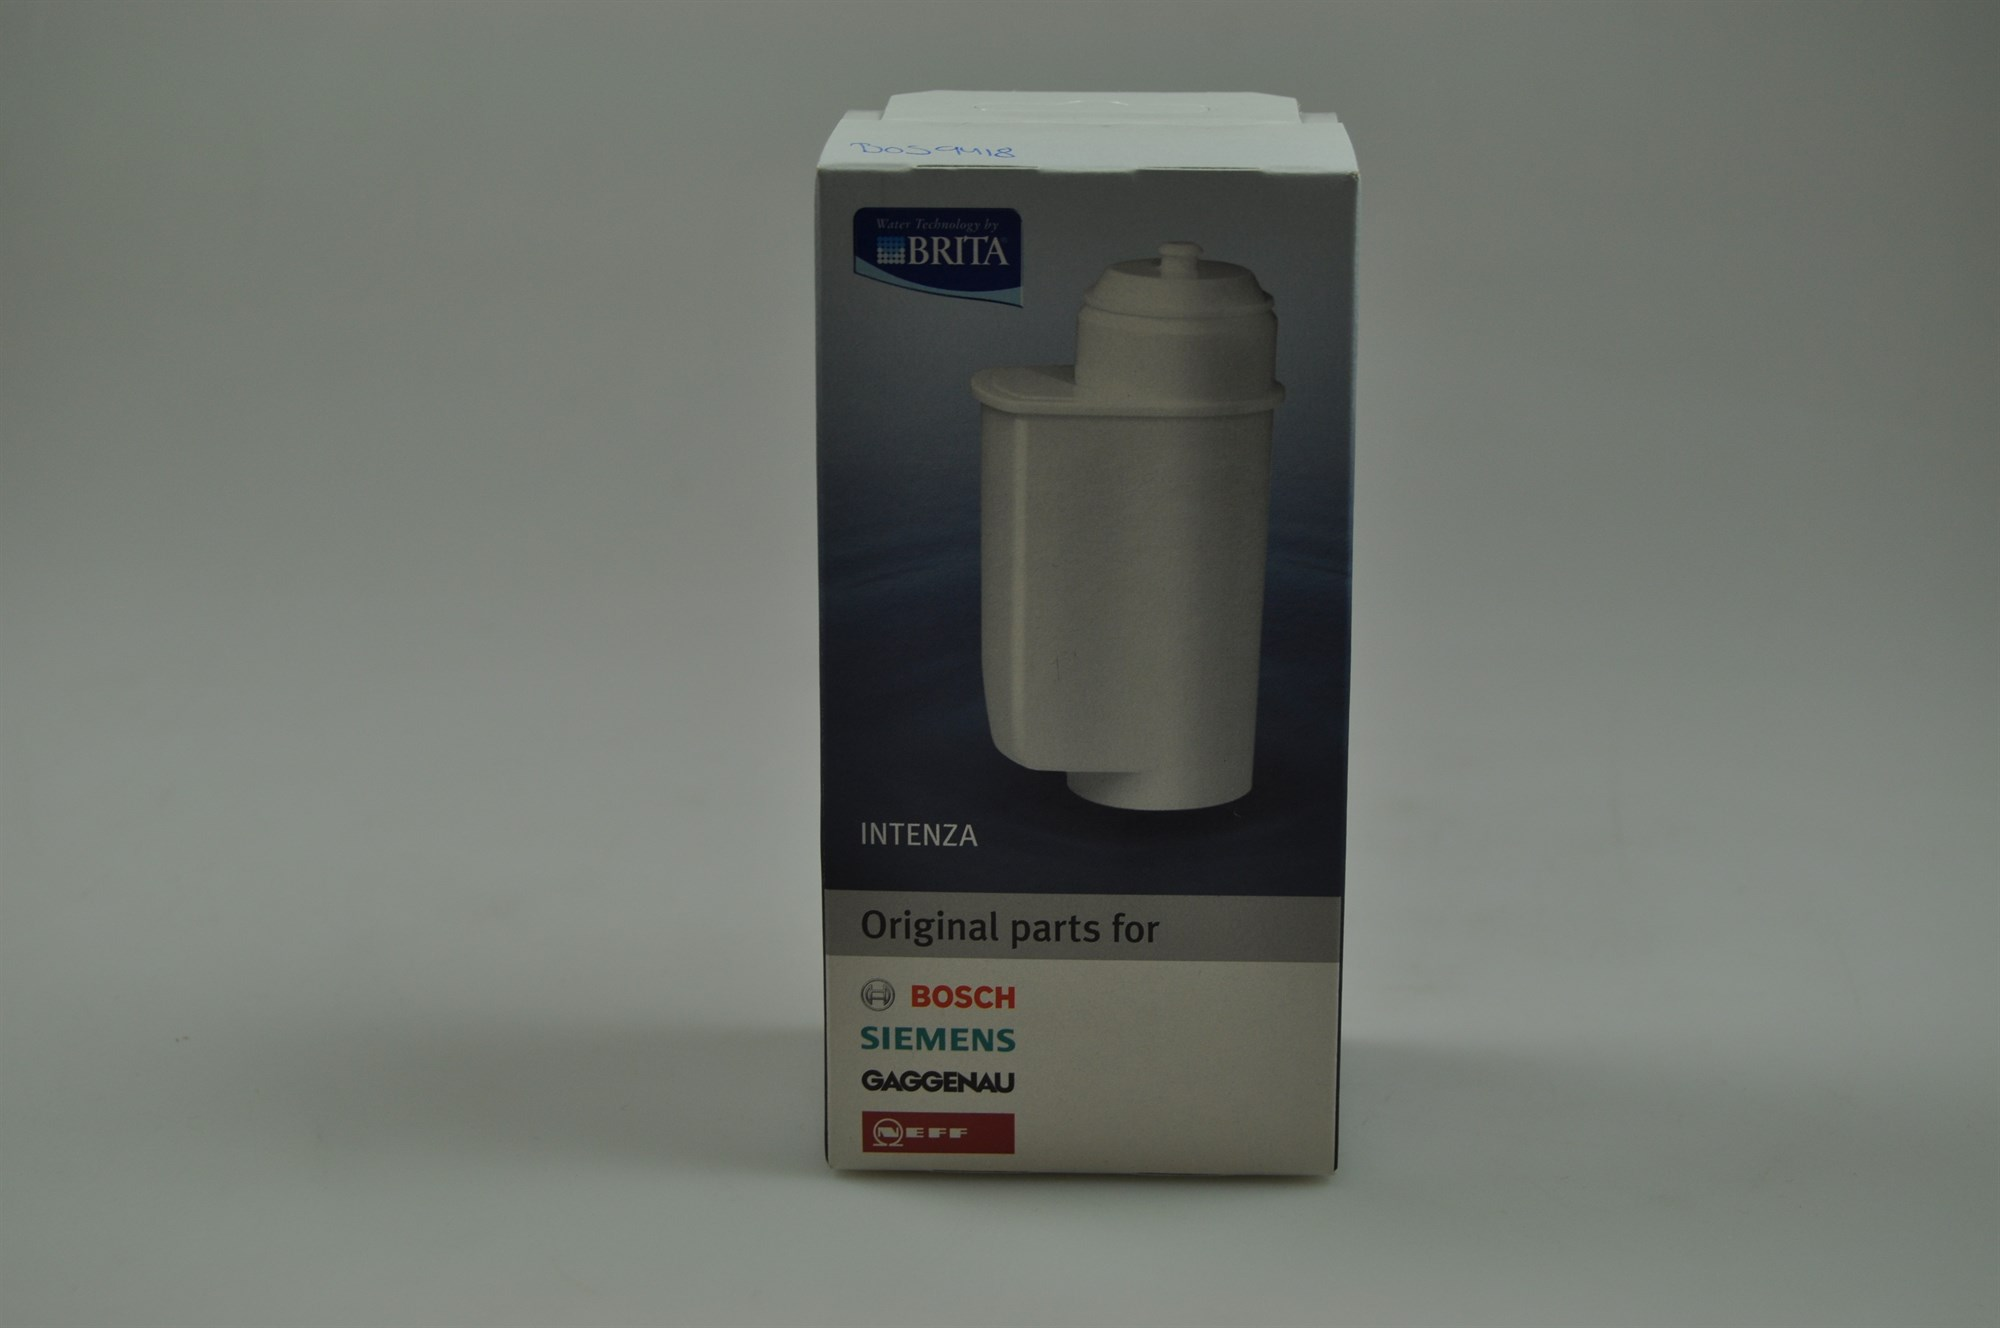 Siemens Kühlschrank Wasserfilter : Samsung wsf wasserfilter kaufen saturn